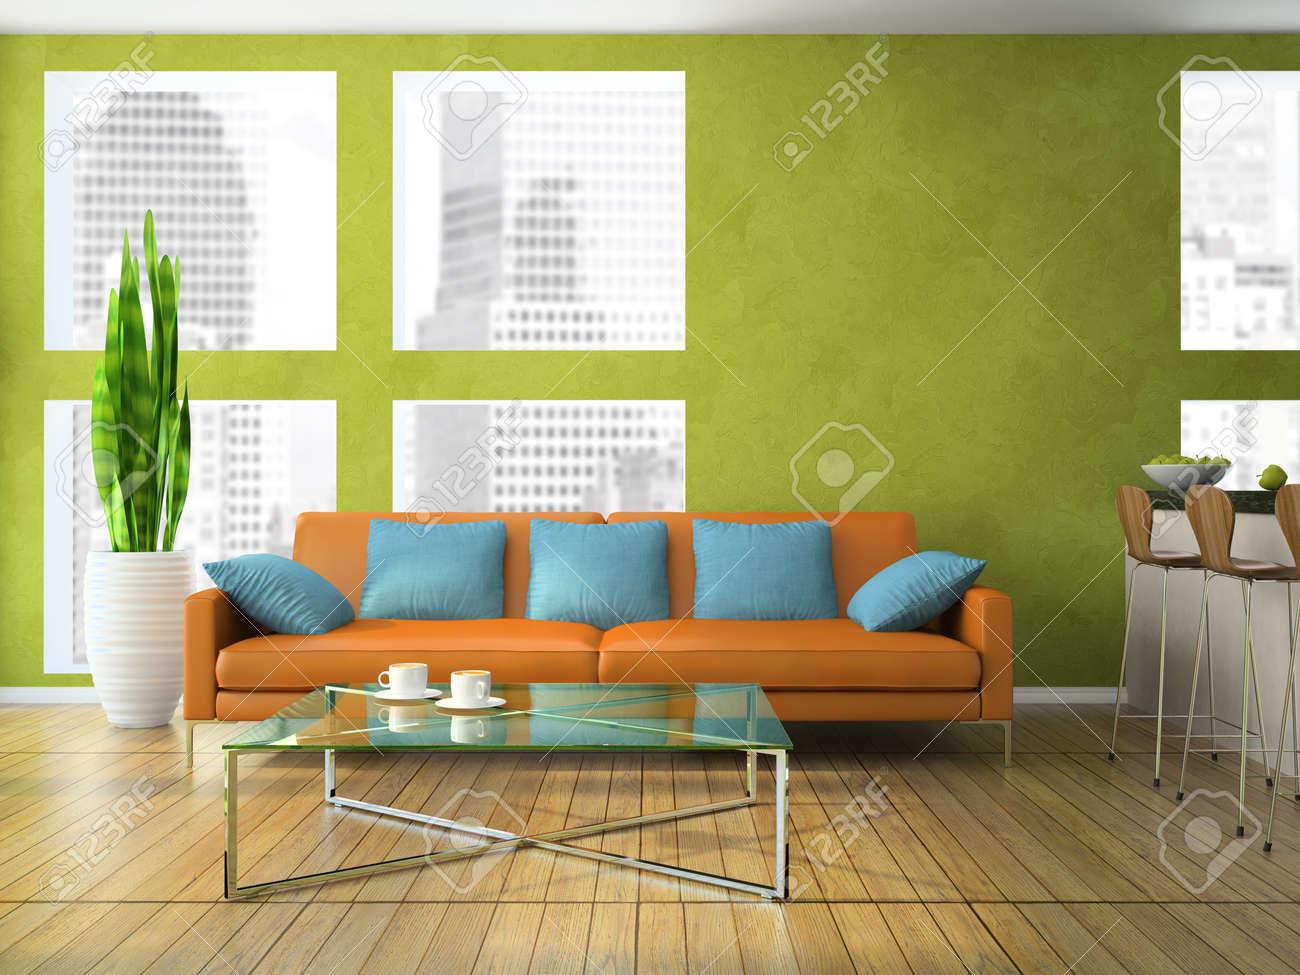 Couleur Salle De Sejour partie de la salle de séjour moderne de rendu 3d de couleur verte